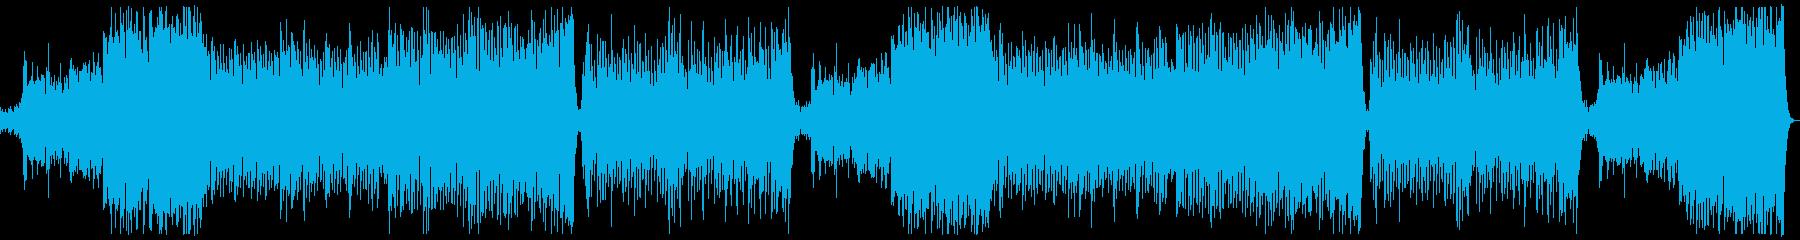 明るく華やかポップオーケストラ:フルx2の再生済みの波形